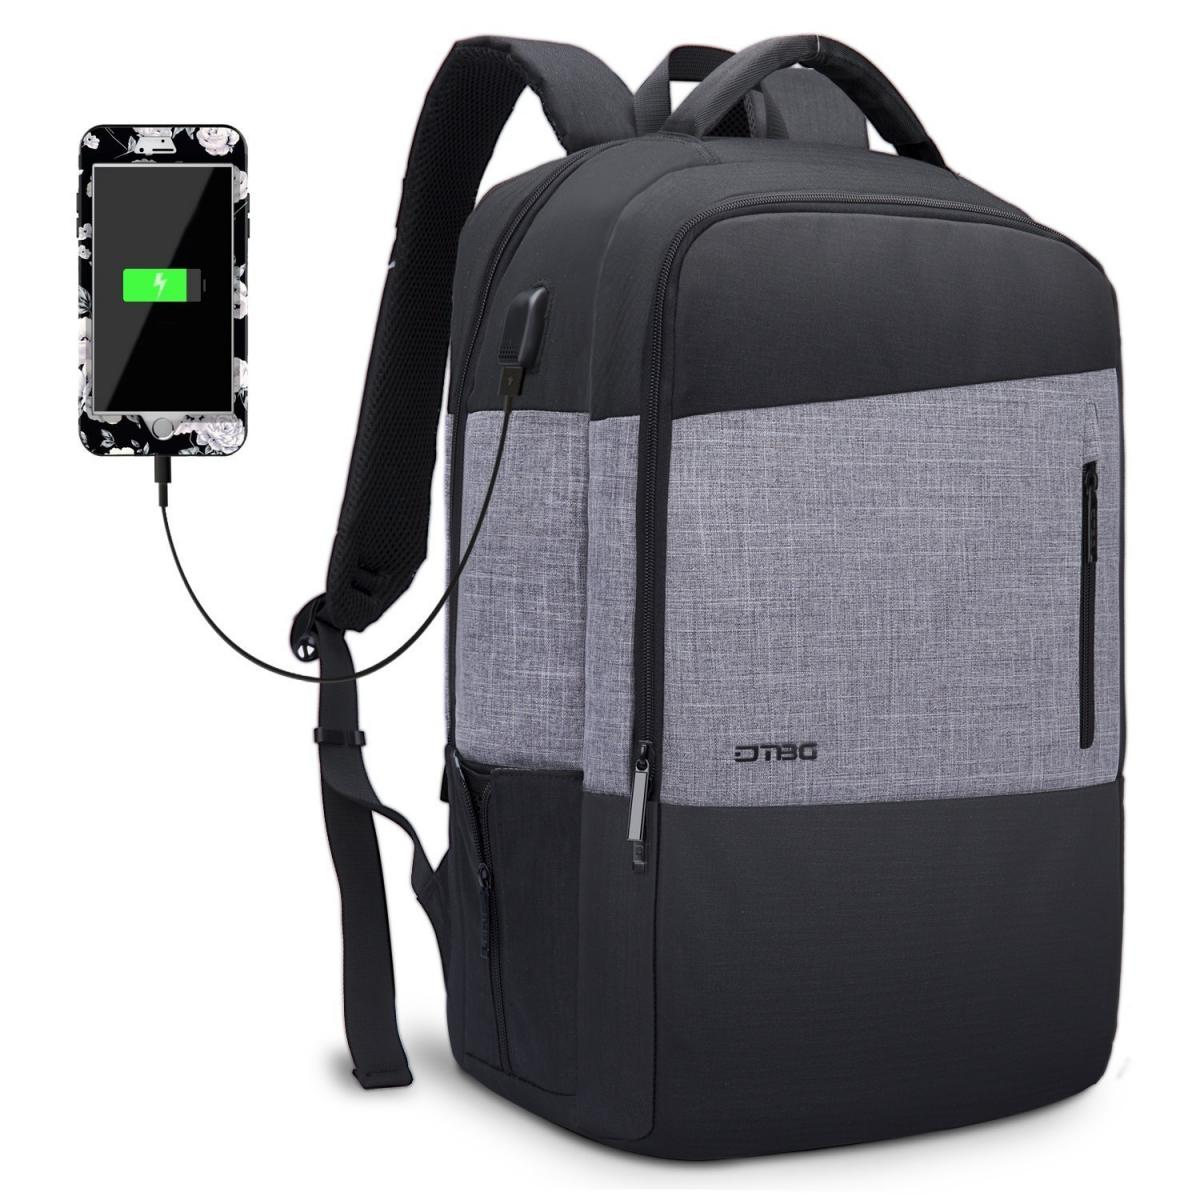 dtbg laptop backpack 17 3 d8221w gts amman jordan. Black Bedroom Furniture Sets. Home Design Ideas